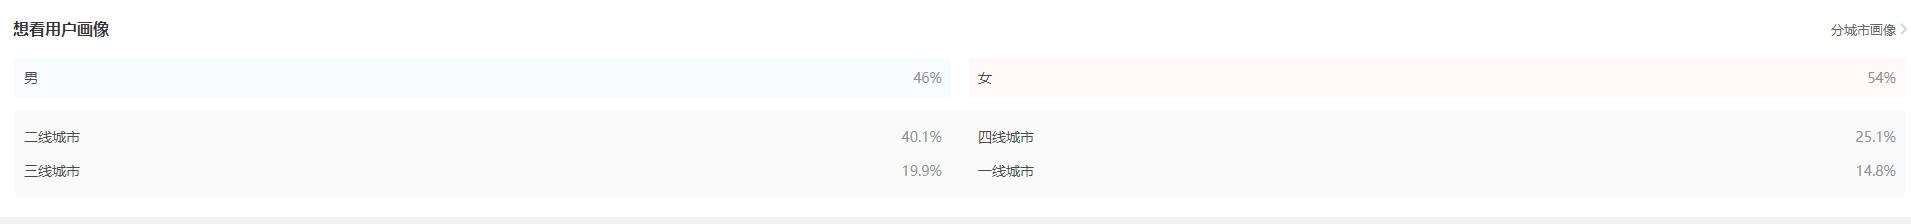 创中国影史新纪录!《战狼2》票房突破40亿:女性观众超男性的照片 - 4